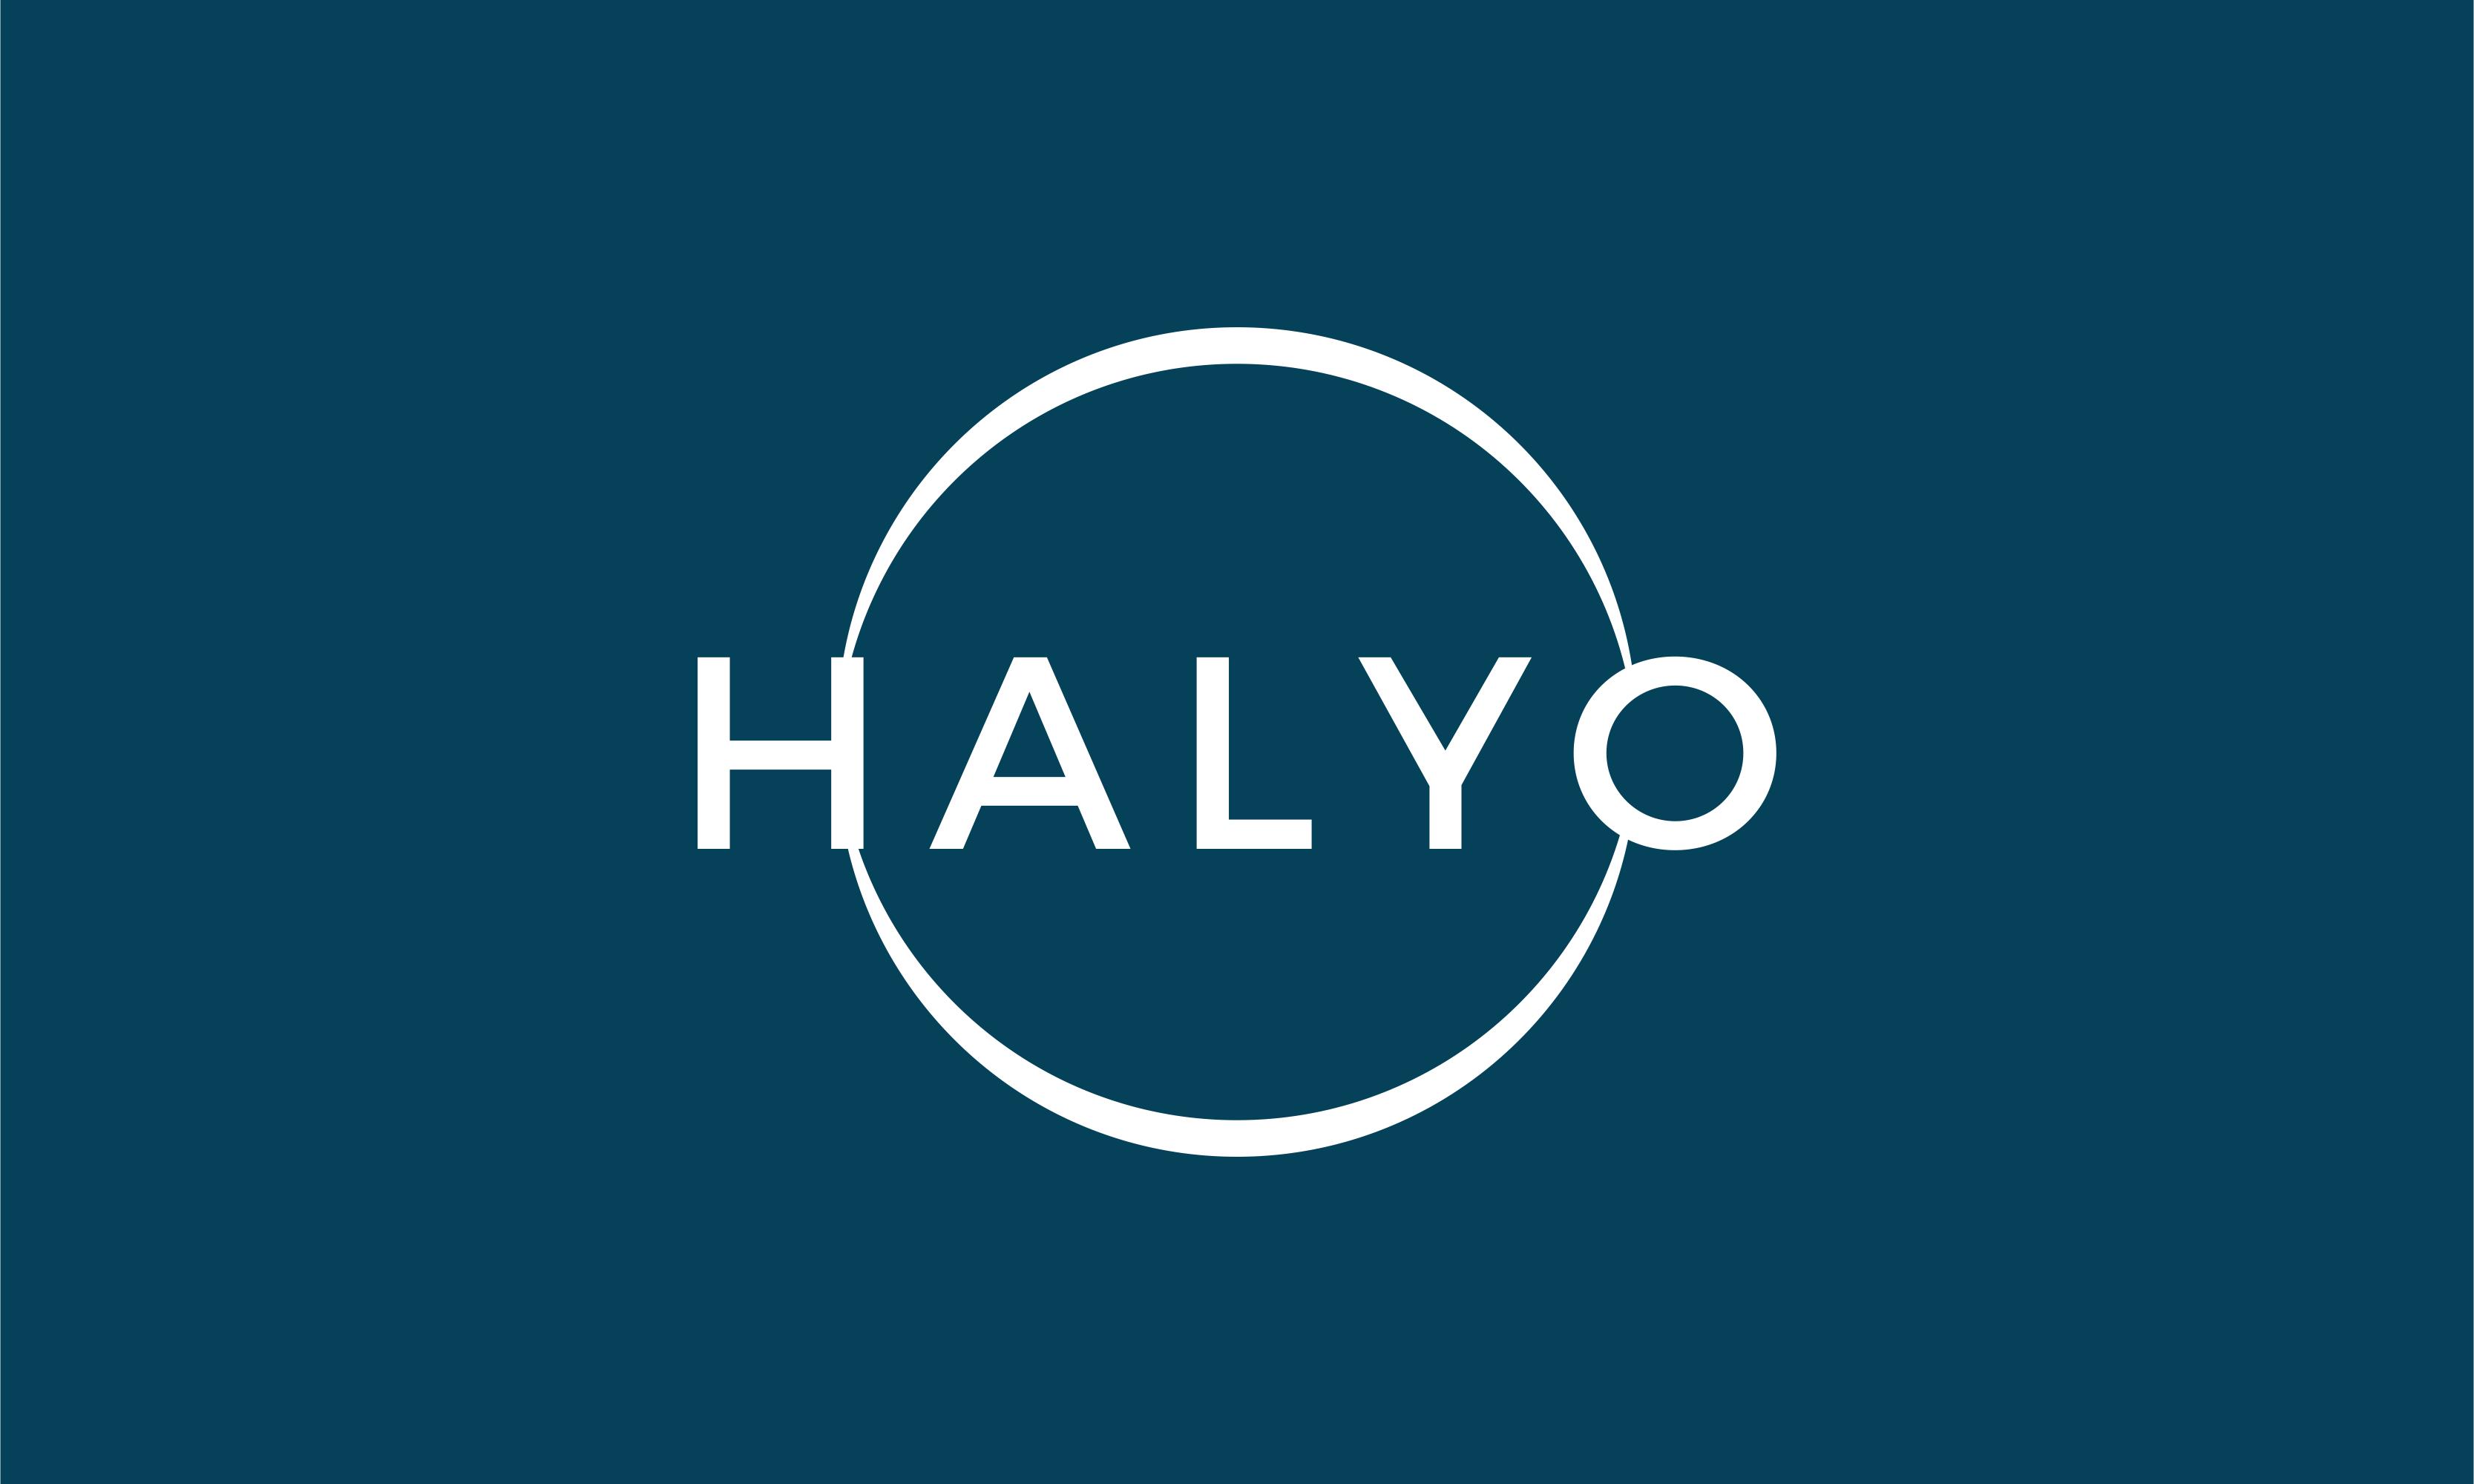 Halyo